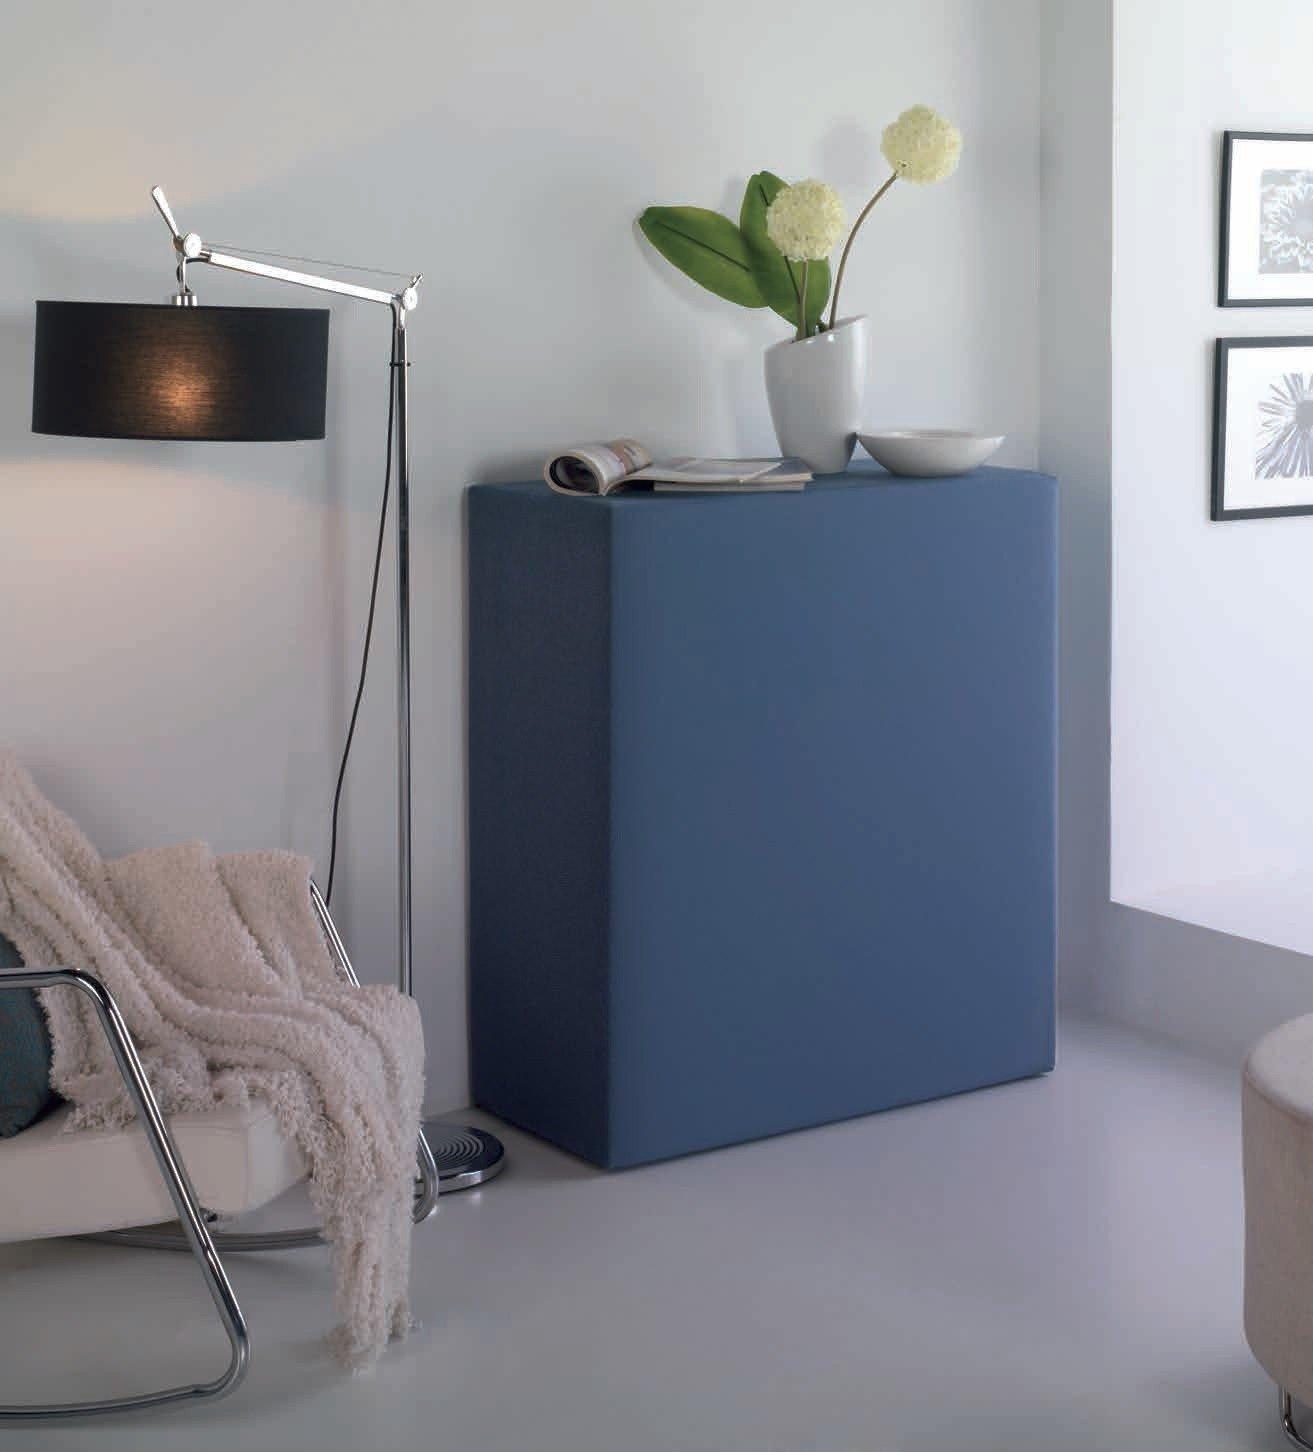 Muebles cama abatibles baratos 20170730030045 - Muebles cama plegables para salon ...